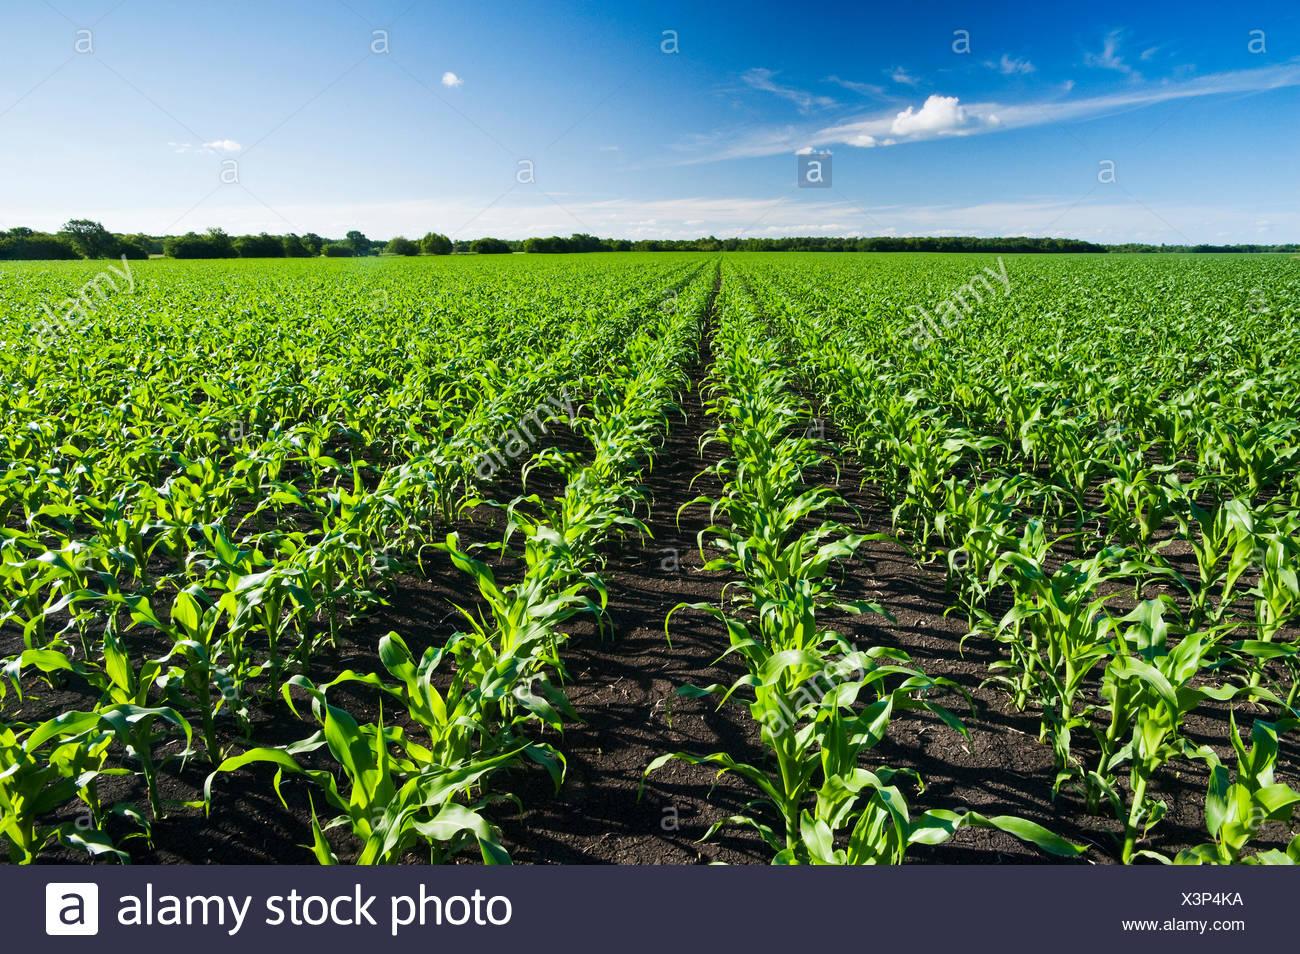 ein Bereich der Futtermittel/Getreide Mais erstreckt sich bis zum Horizont, in der Nähe von Dugald, Manitoba, Kanada Stockbild